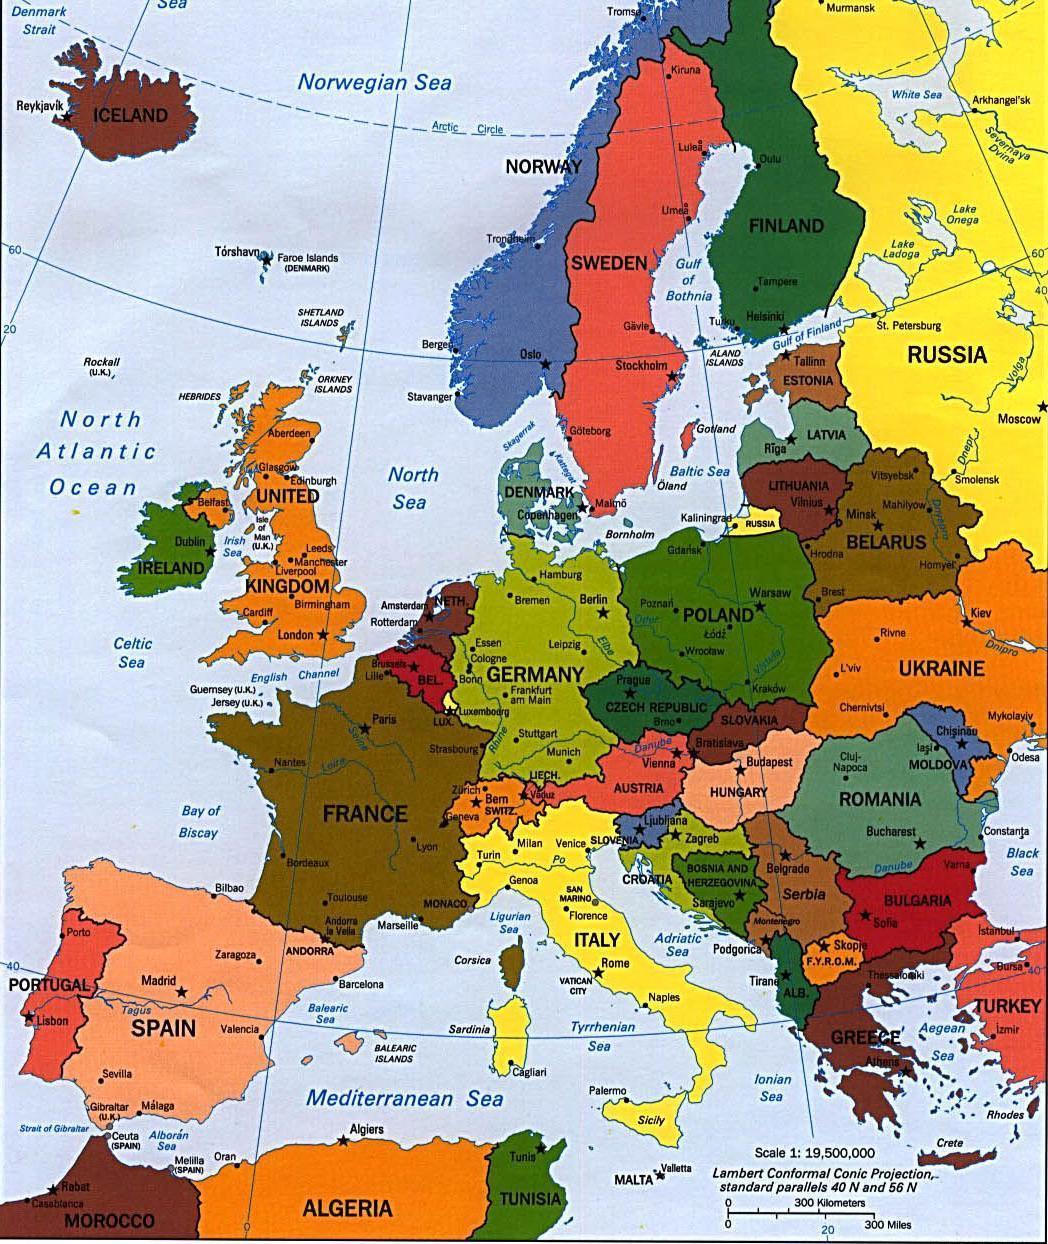 Cartina Politica Dell Europa Con Le Capitali.Civico20 News Se L Europa Provasse A Giocare All Inglese